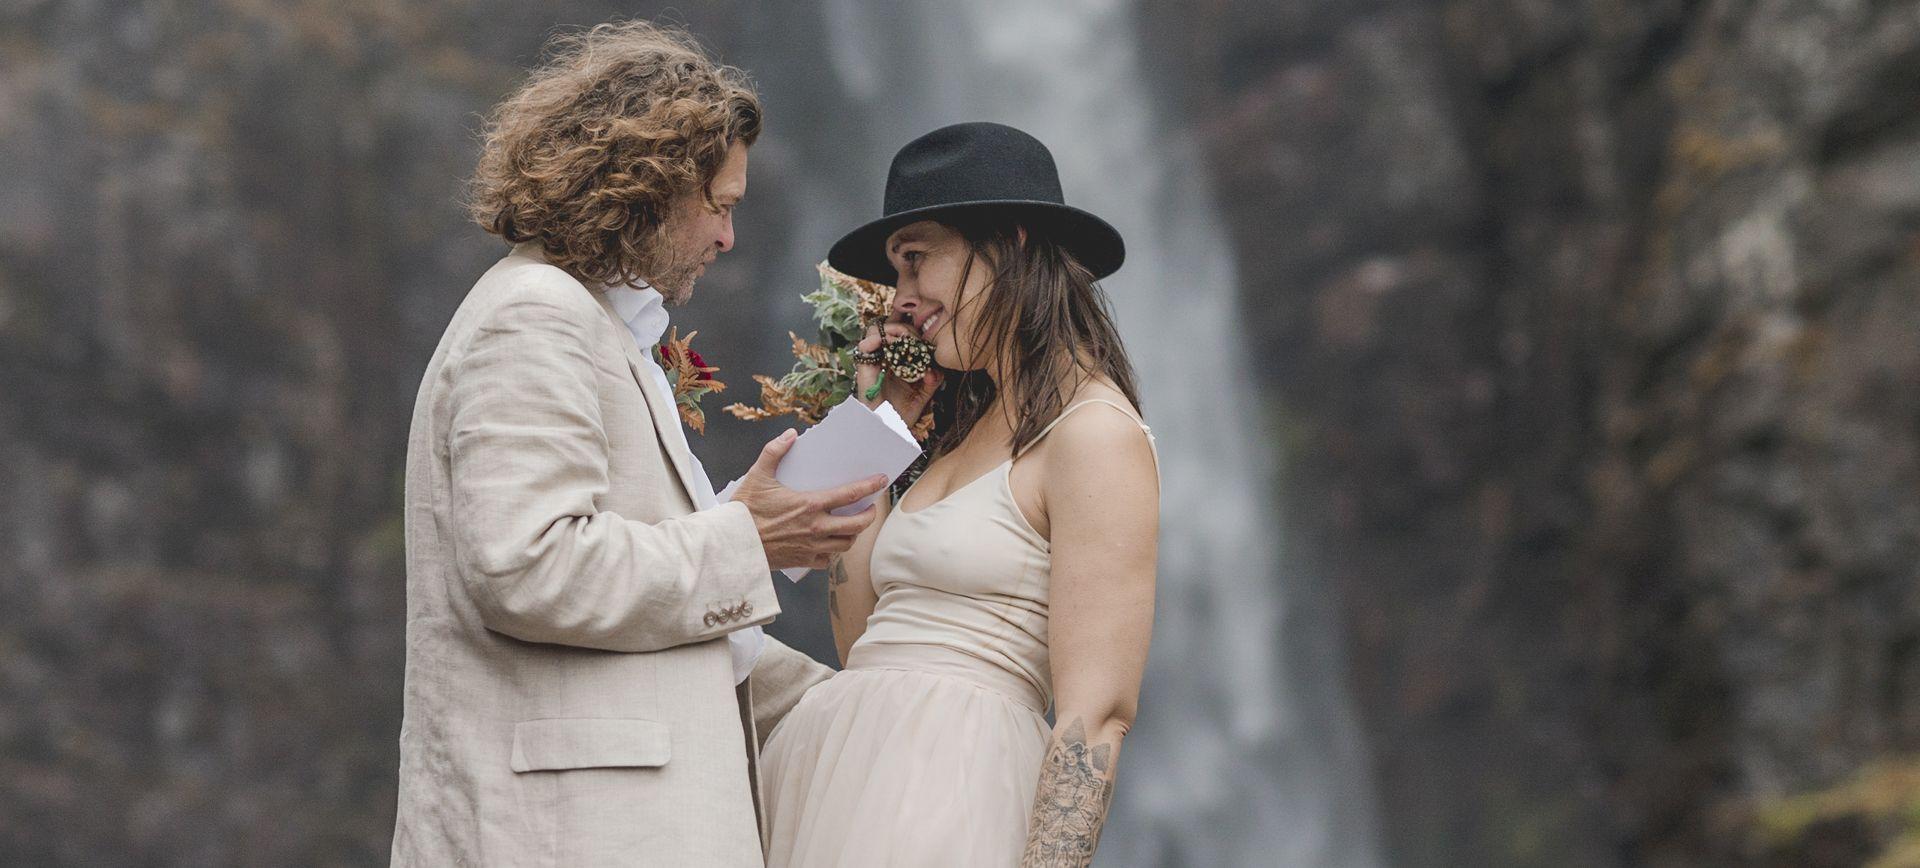 destination wedding package sweden -glamping wedding in fulufjället national park